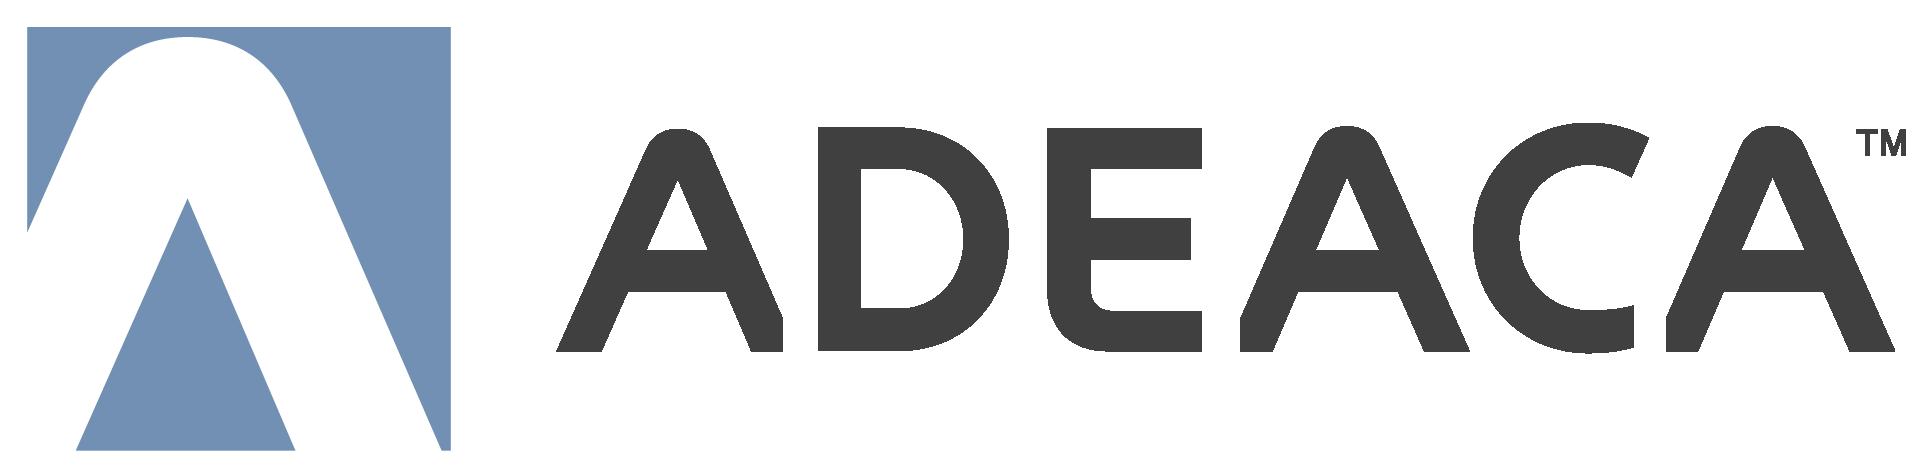 Matt Mong Interviews Henrik Lerkenfeld of Adeaca Discussing Project Business Automation